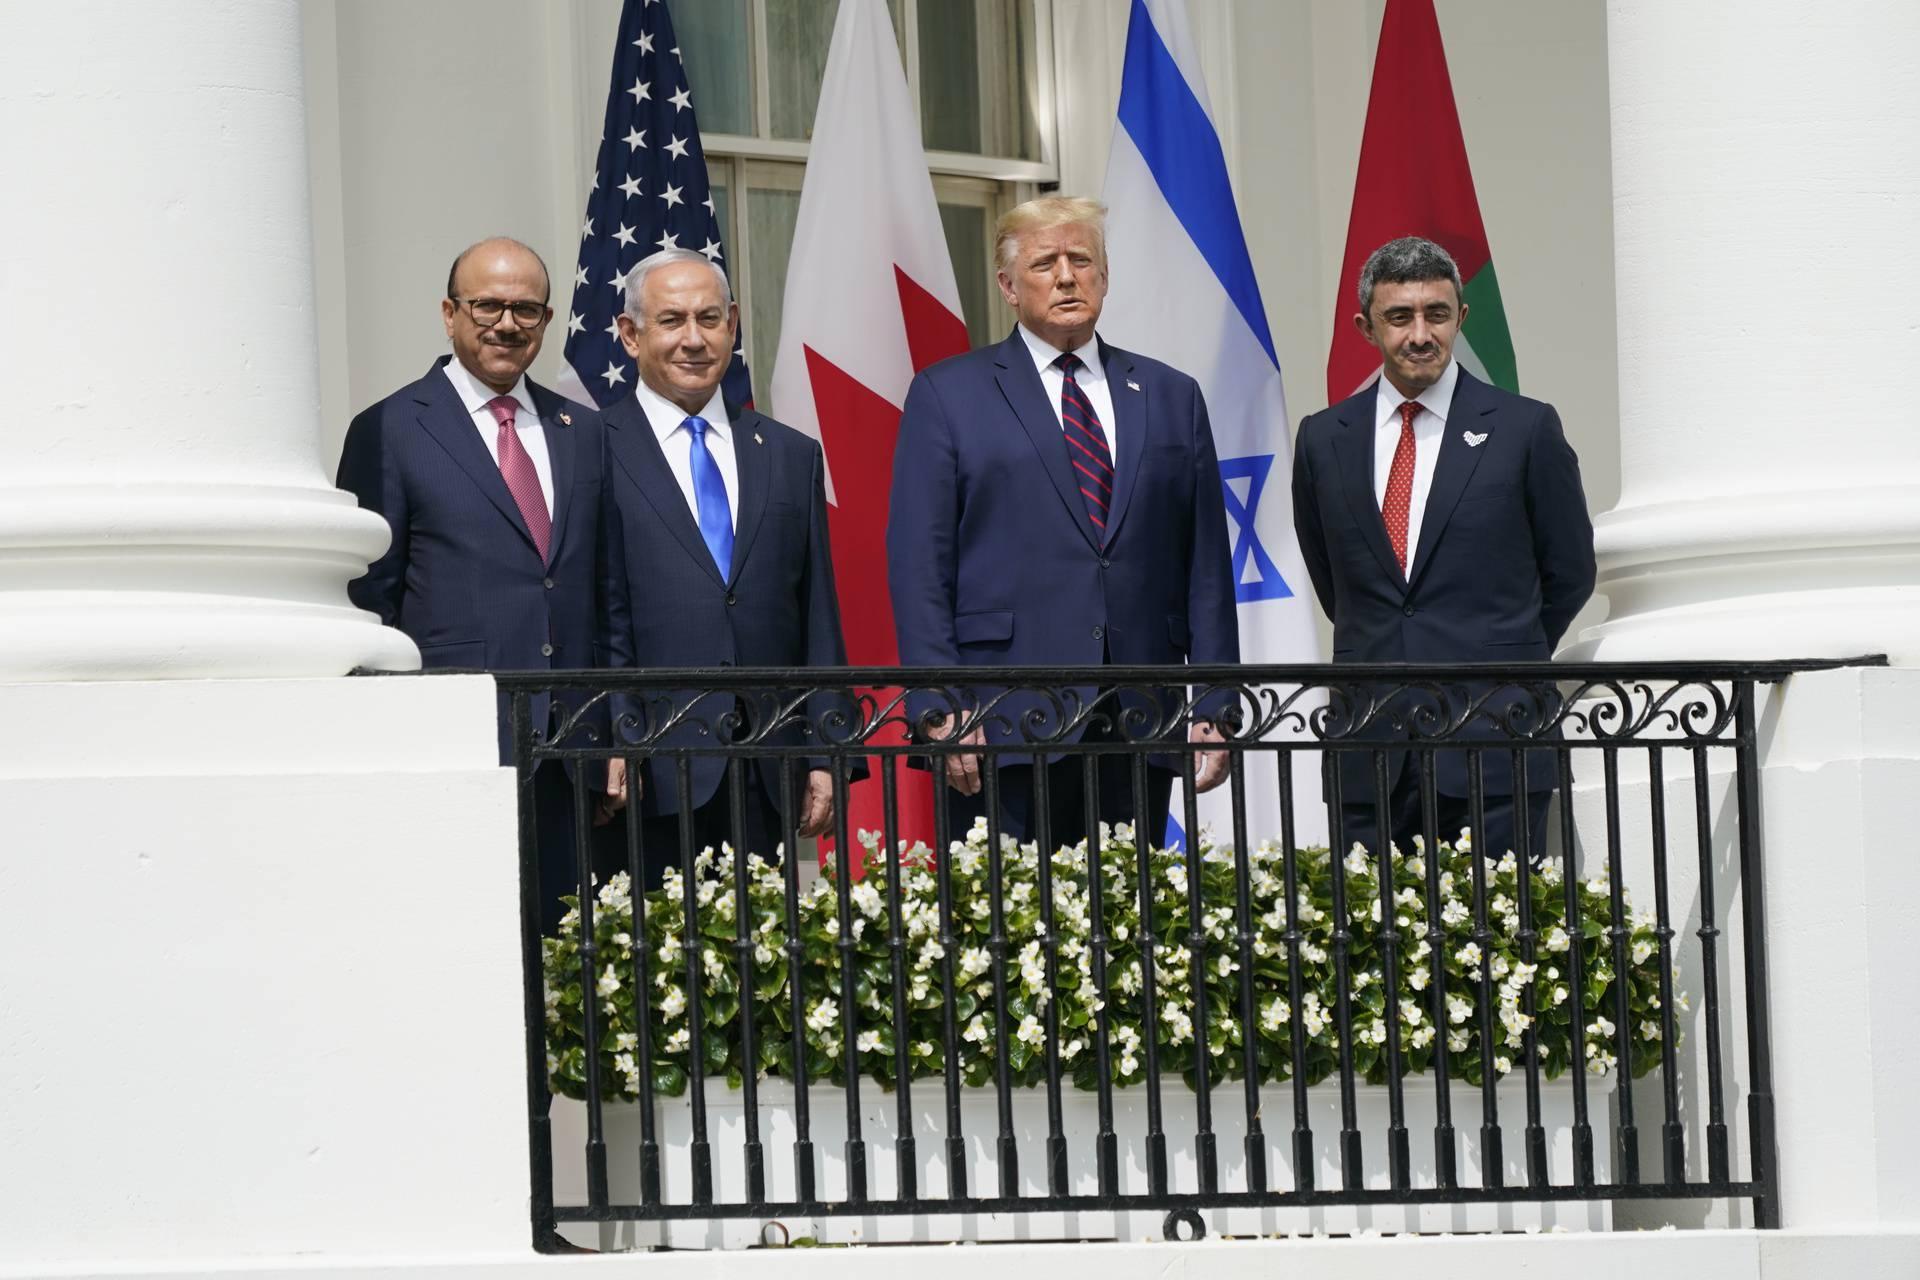 Trump Welcomes Prime Minister Benjamin Netanyahu of Israel